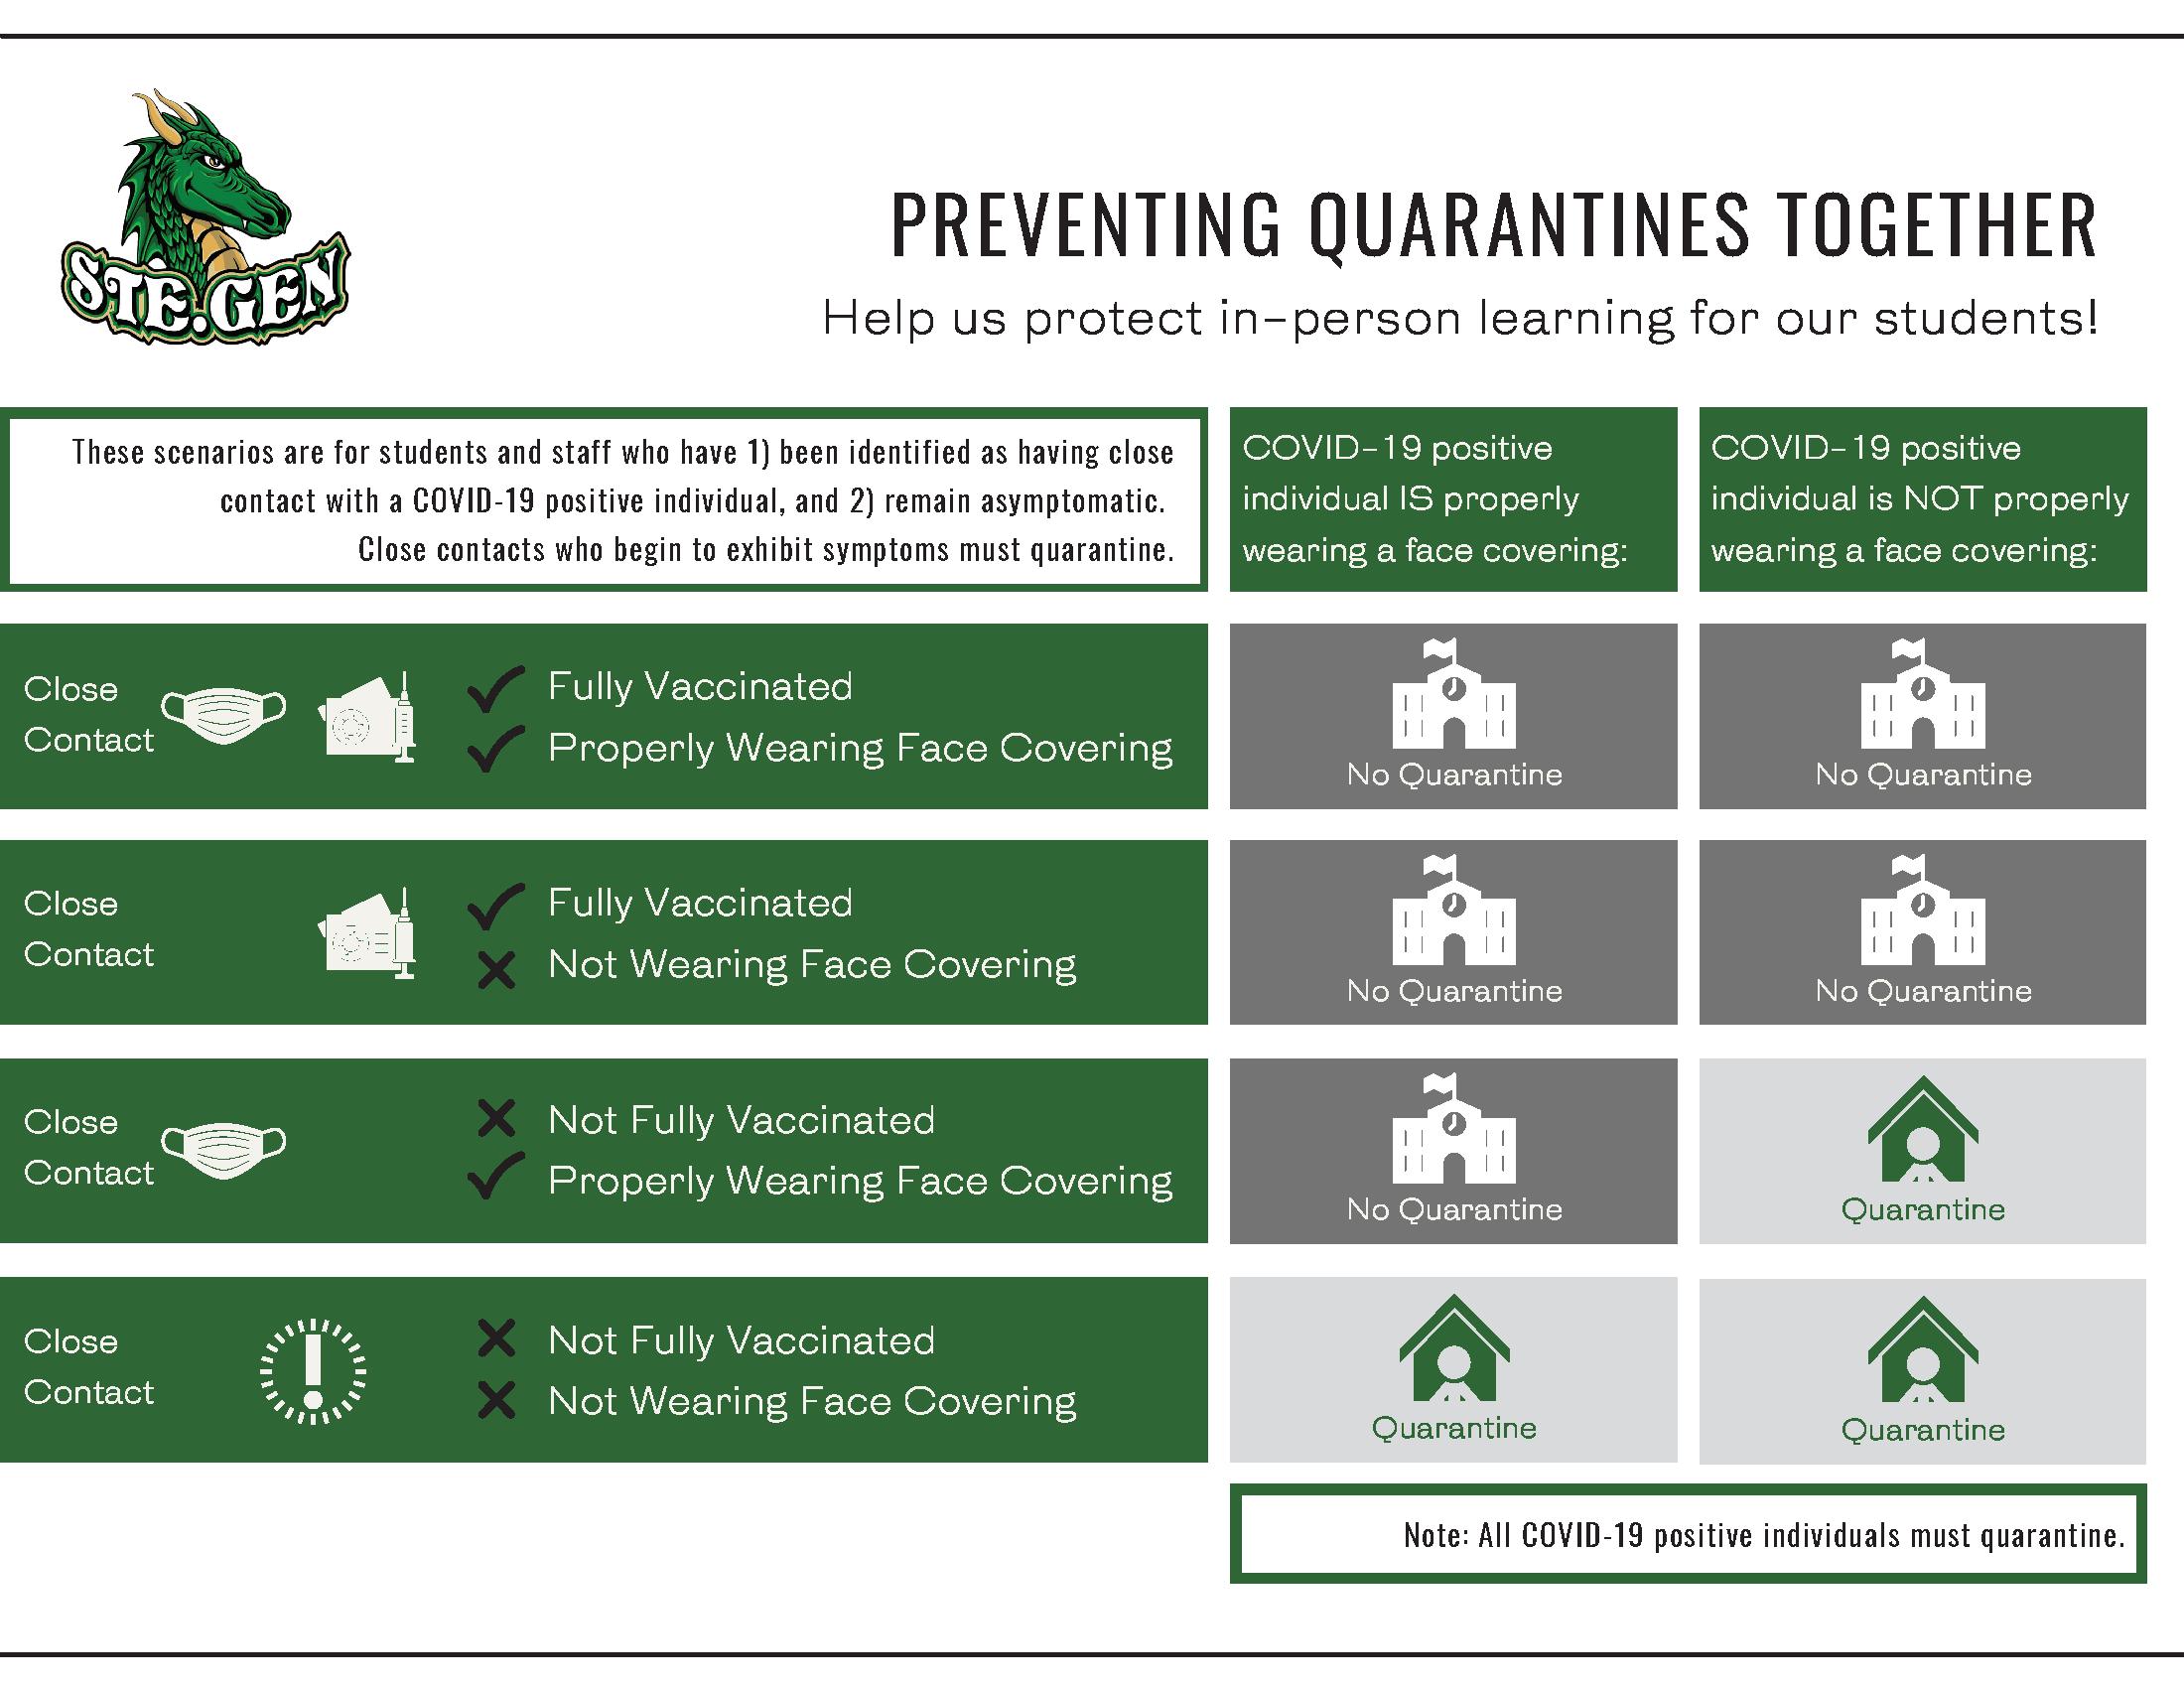 Preventing Quarantines